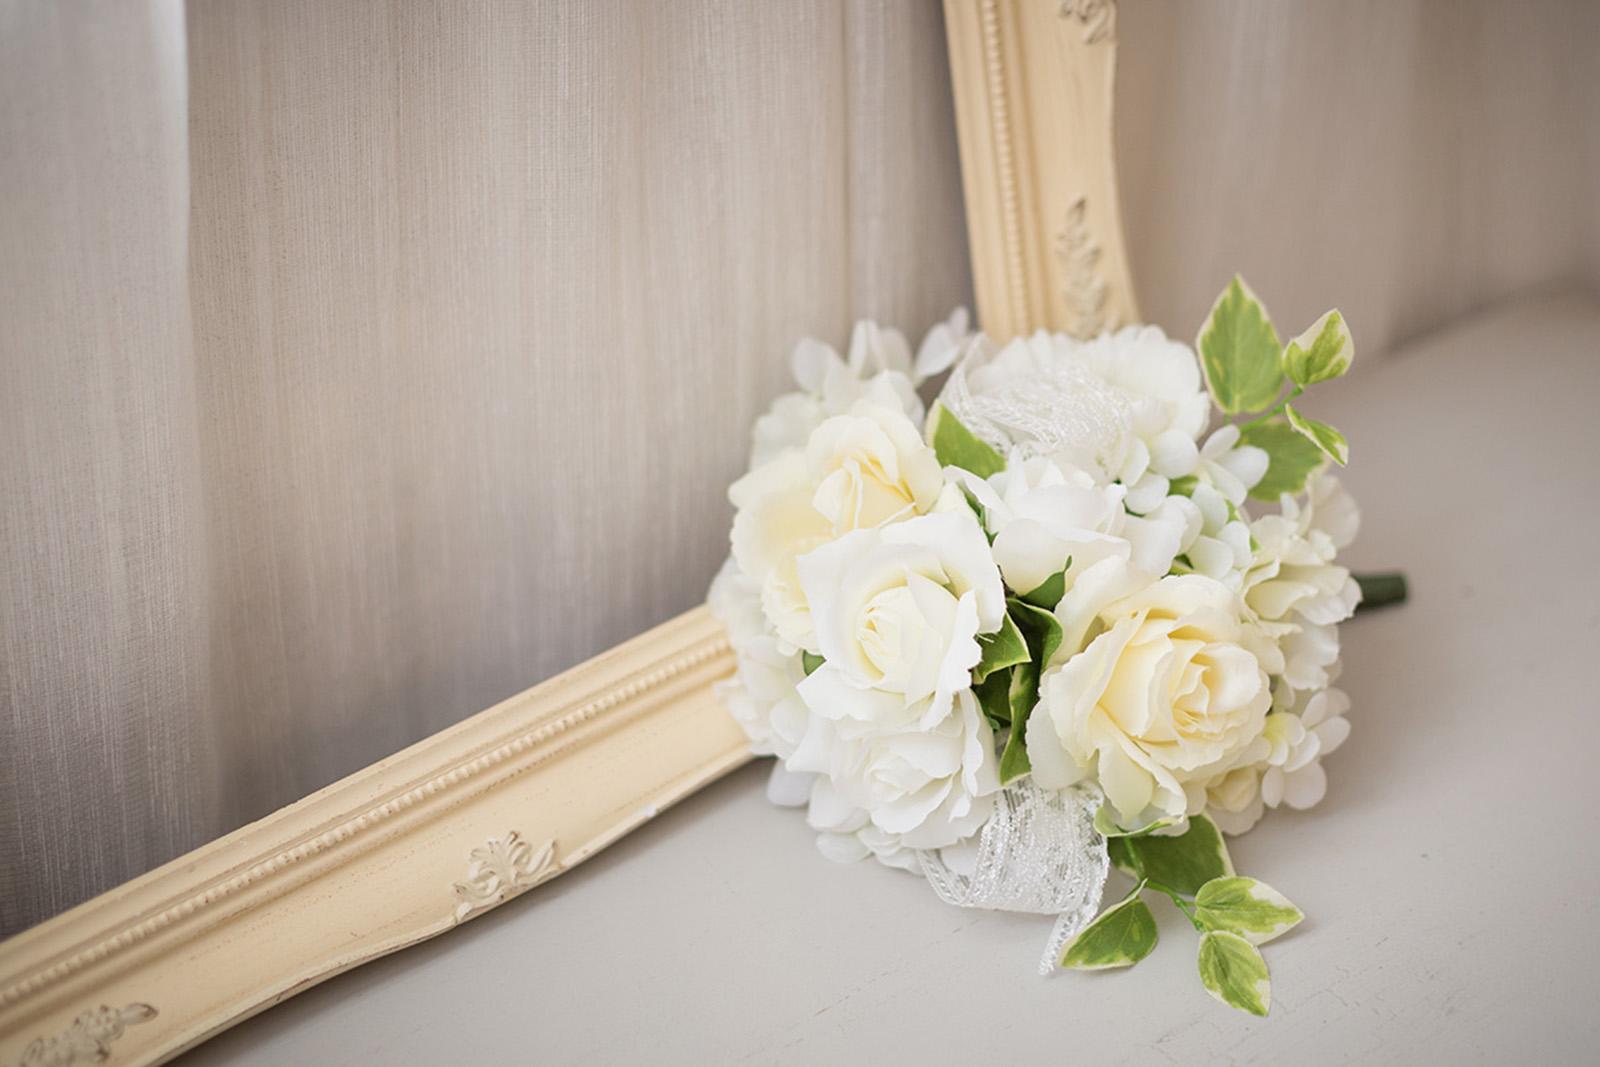 ブーケ 造花 オフホワイト 花束 挙式 チャペル 色直し 披露宴 花嫁 ブーケトス ブライダルブーケ ウェディングブーケ ウエディングブーケ ウェディング ウエディング オフホワイト